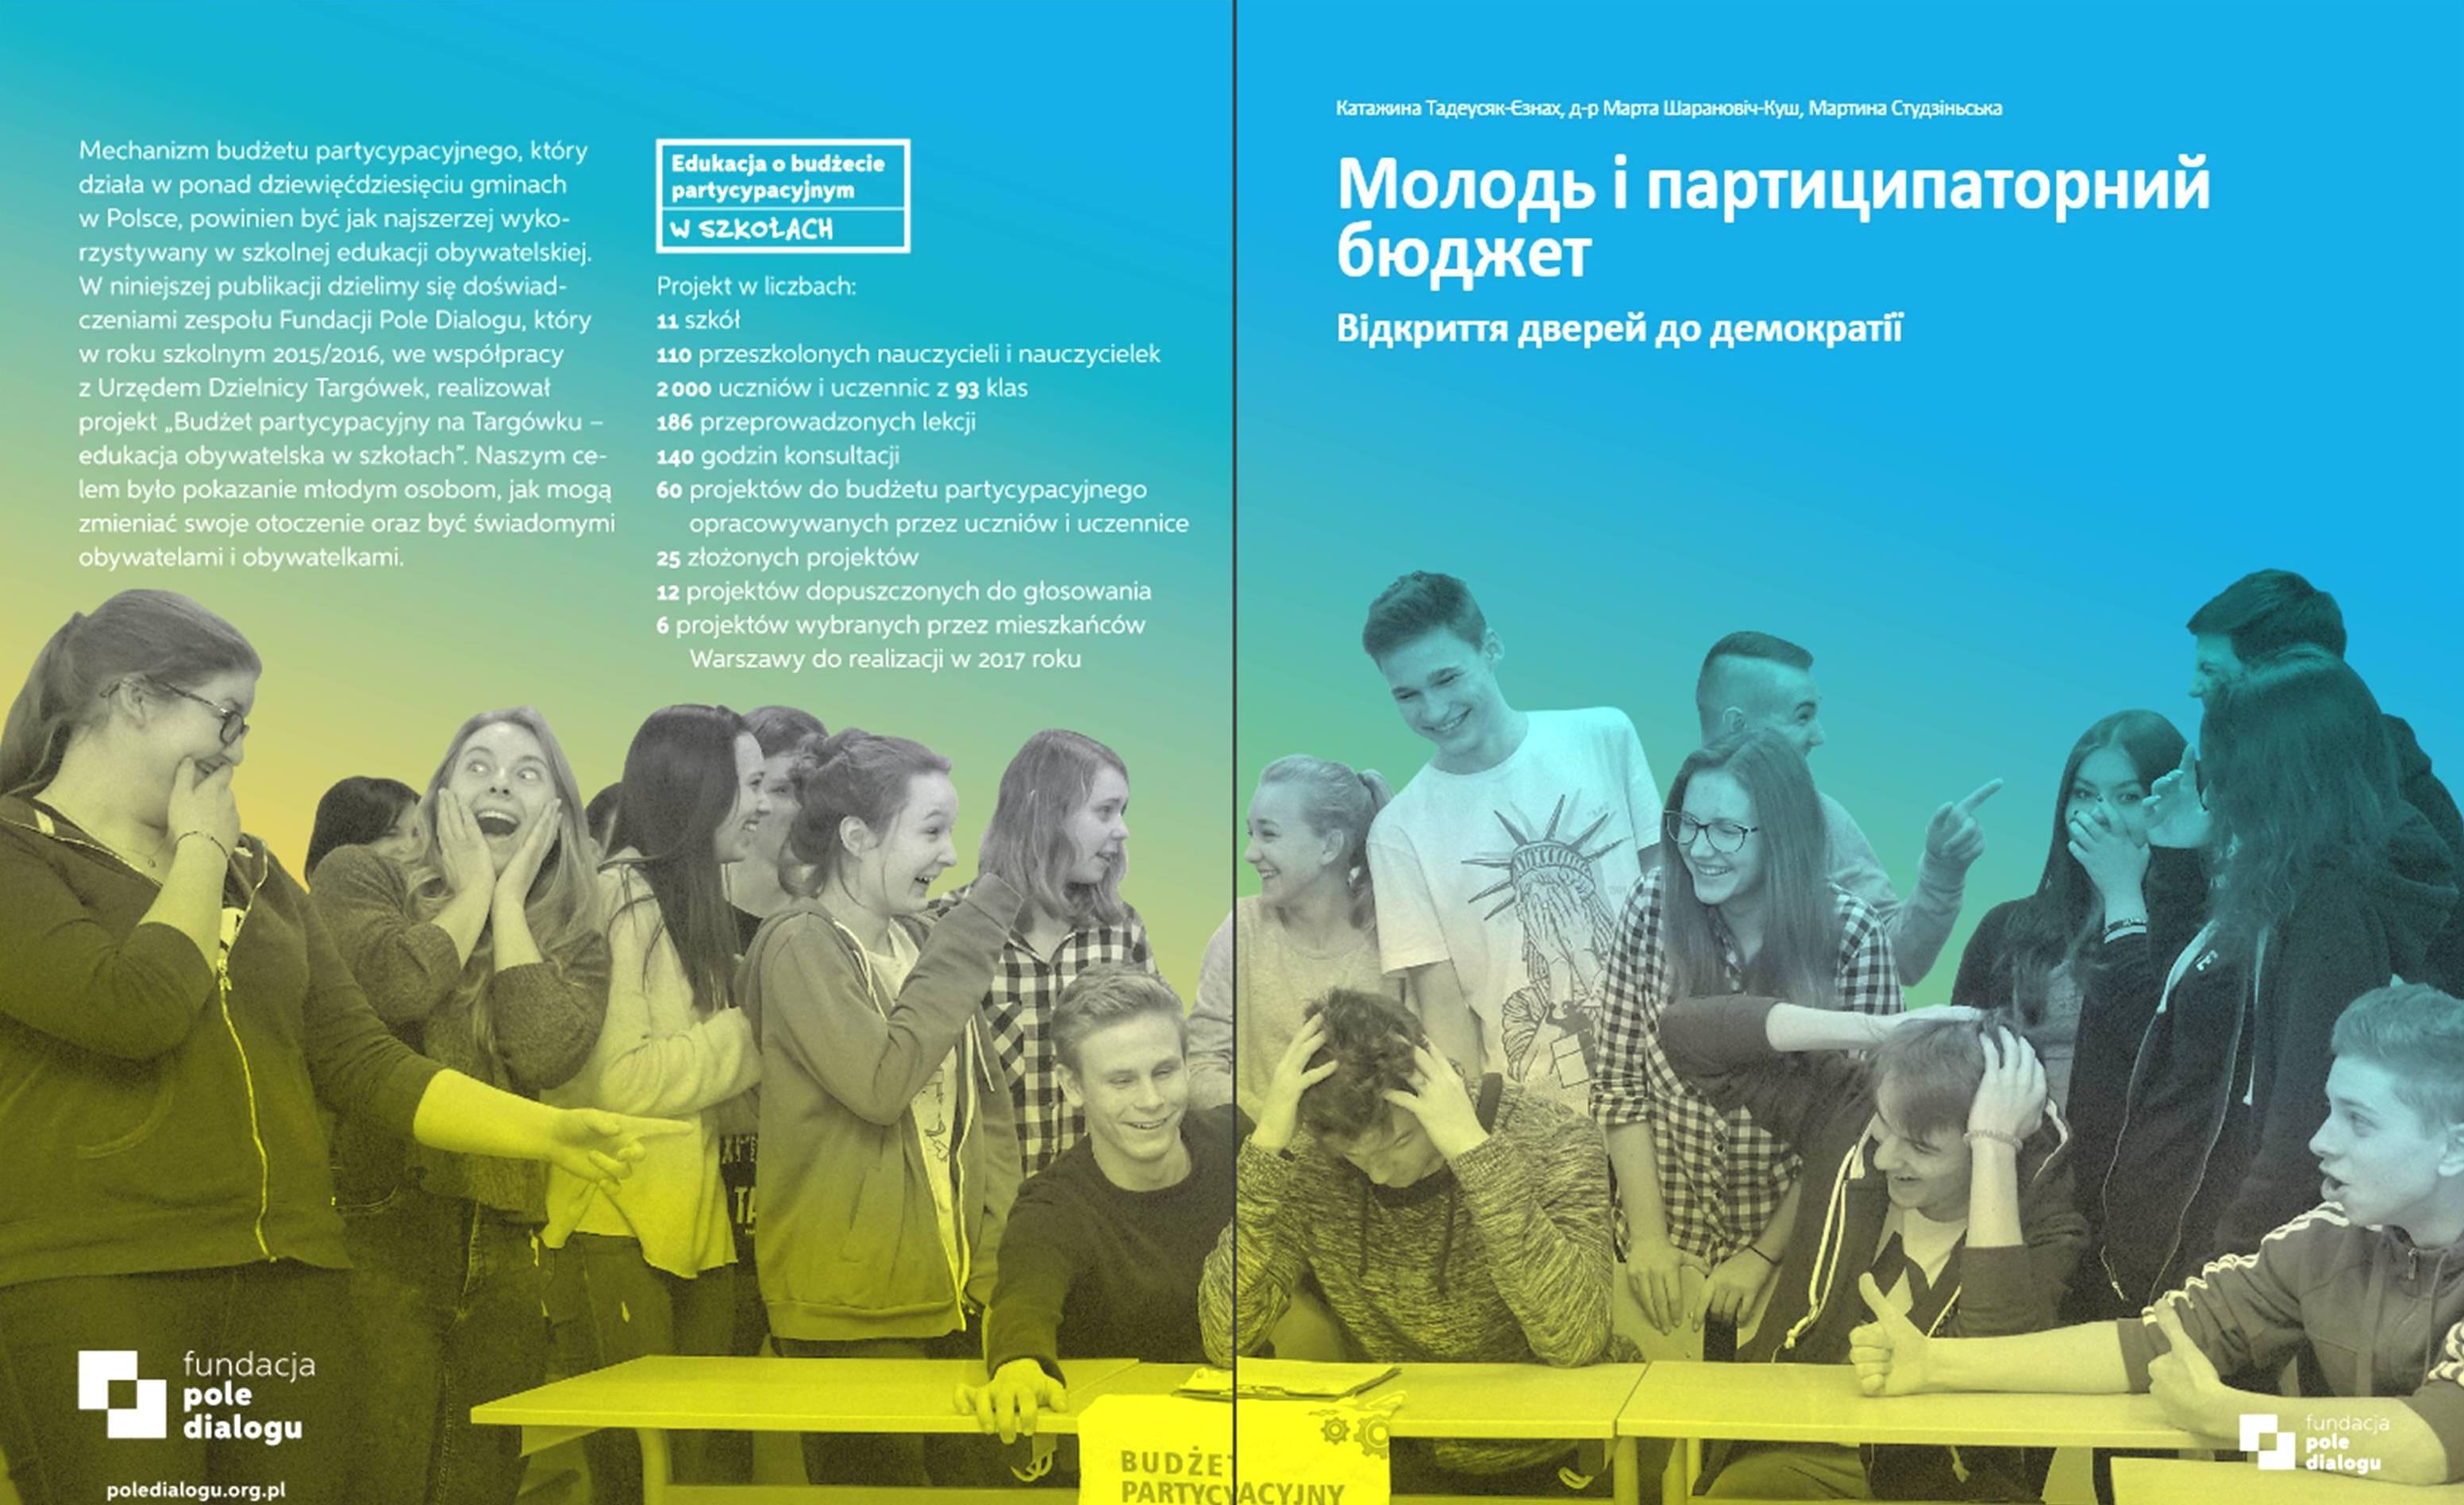 """Посібник """"Молодь і партиципаторний бюджет: відкриття дверей до демократії"""""""